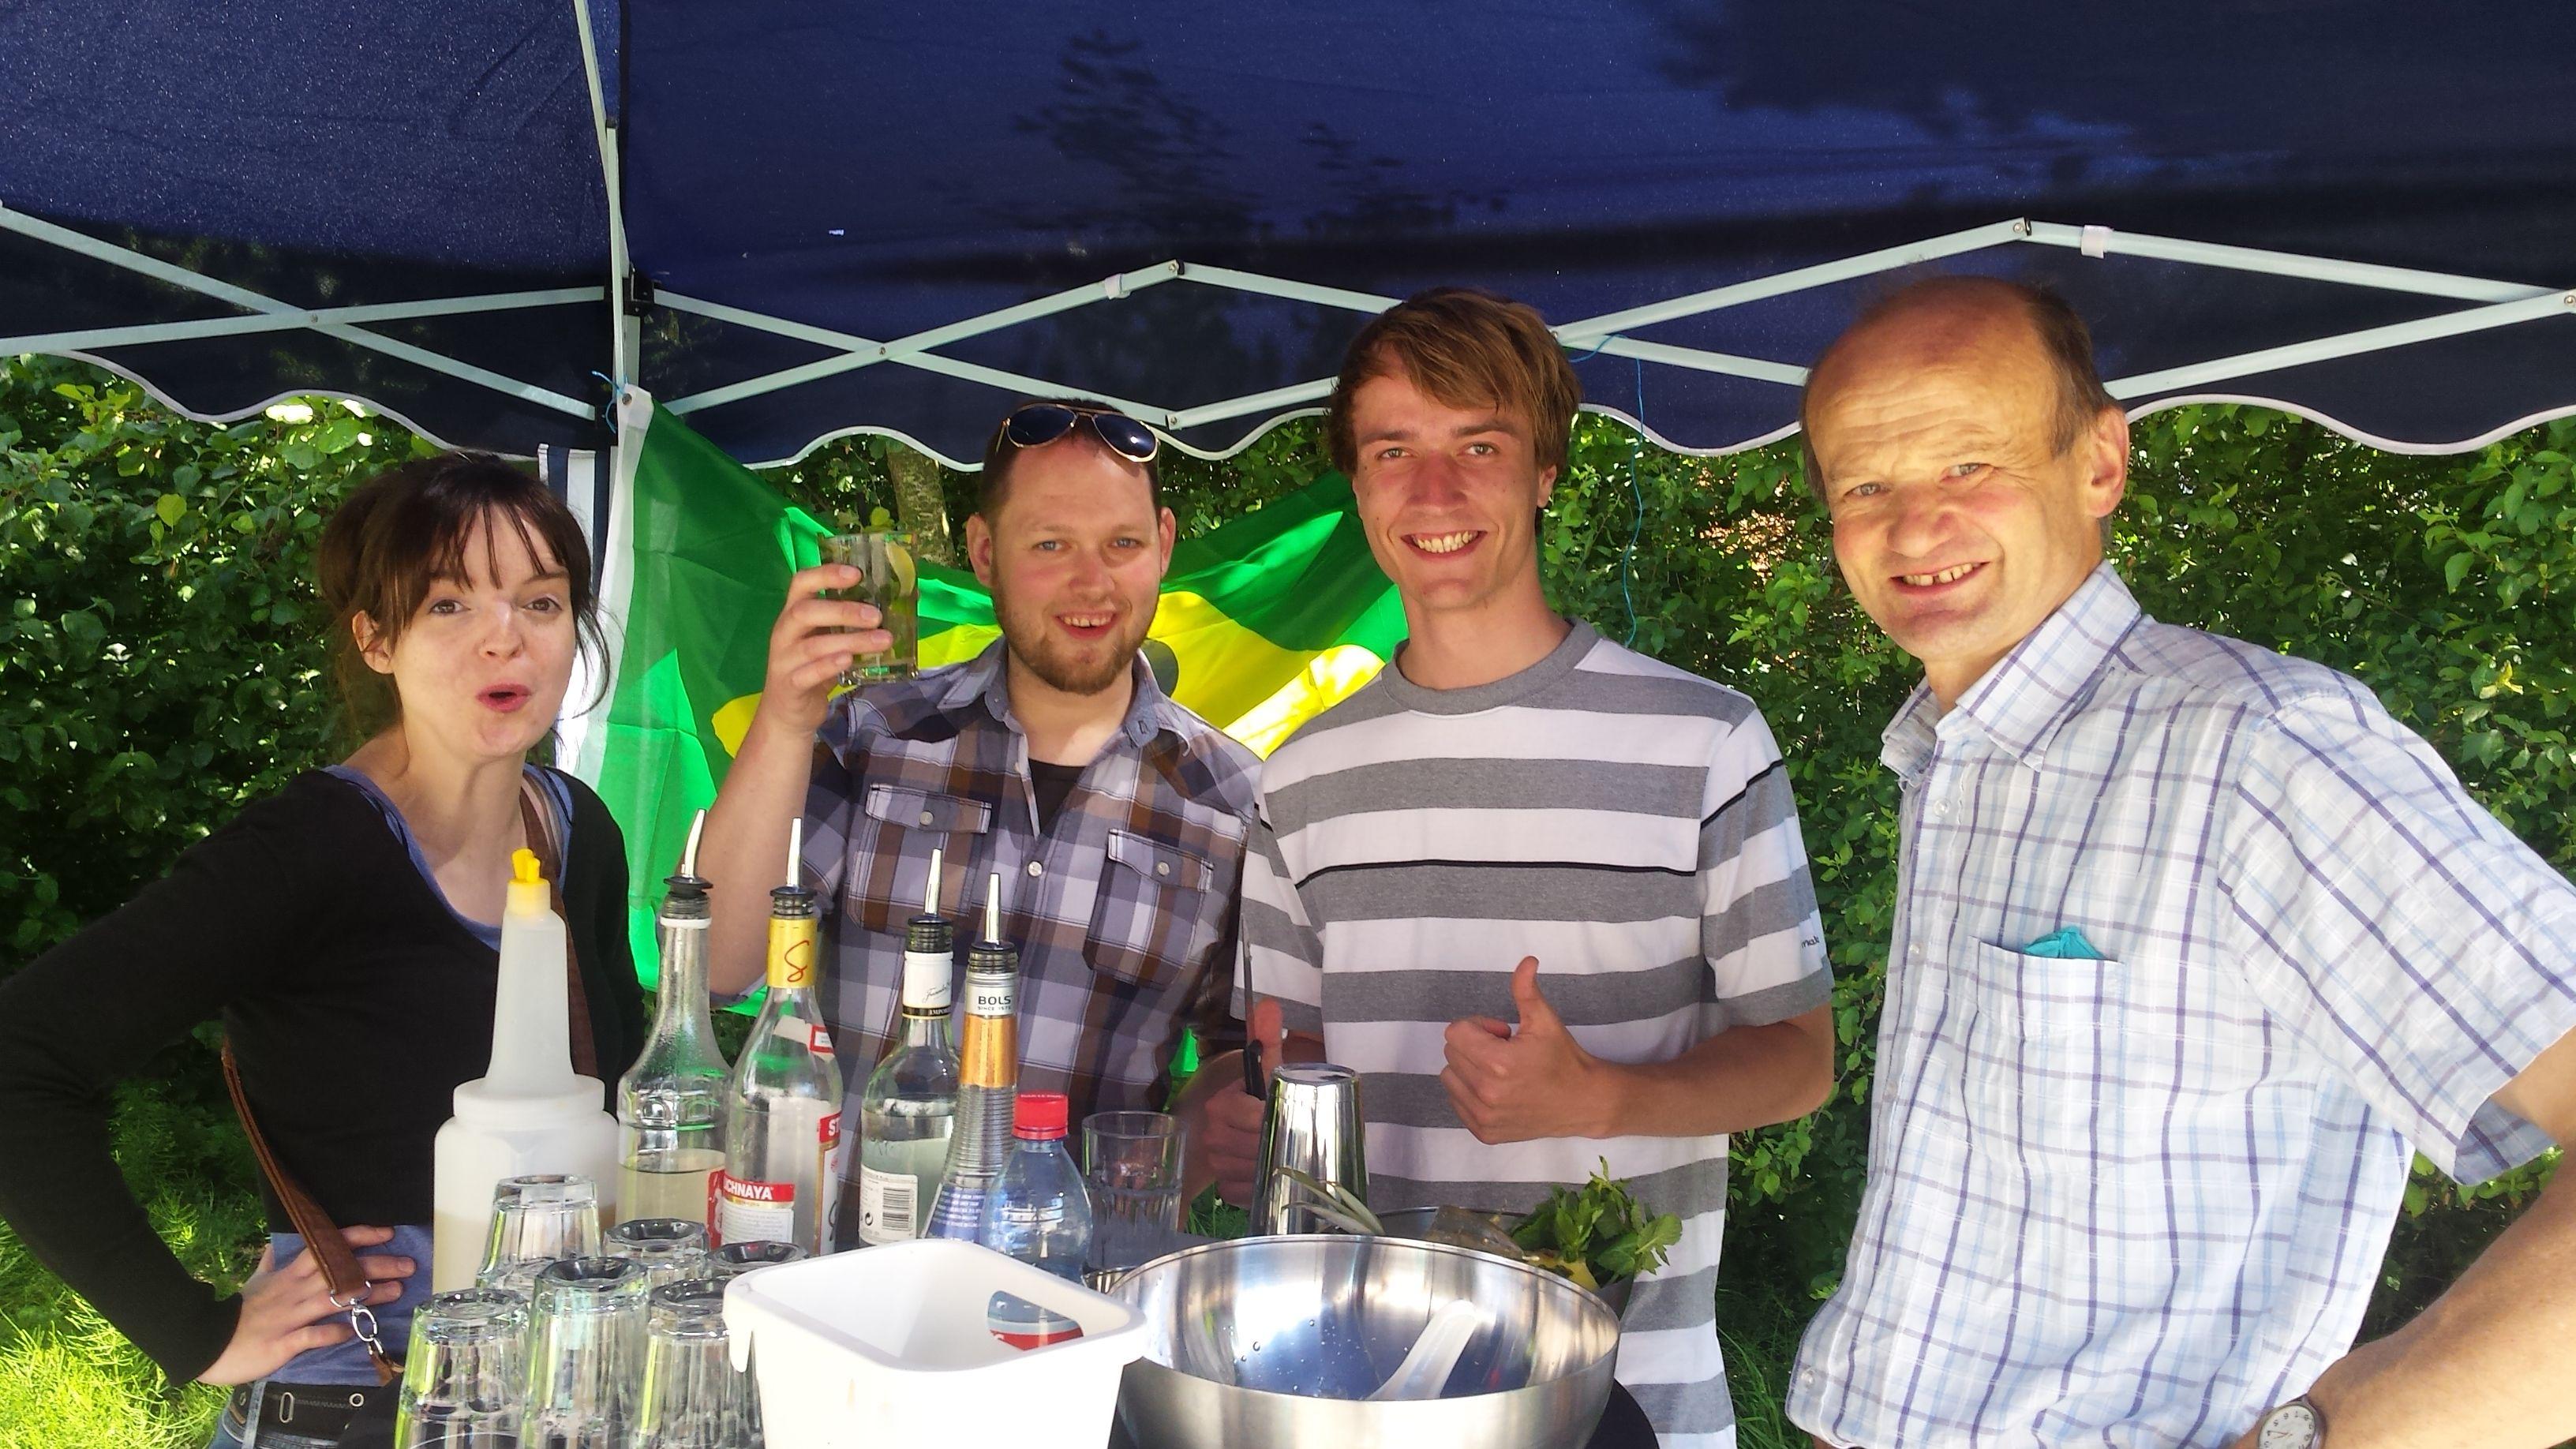 Leuke coctailworkshop op ons jaarlijkse personeelsfeest #fun #coctail #helbigbe